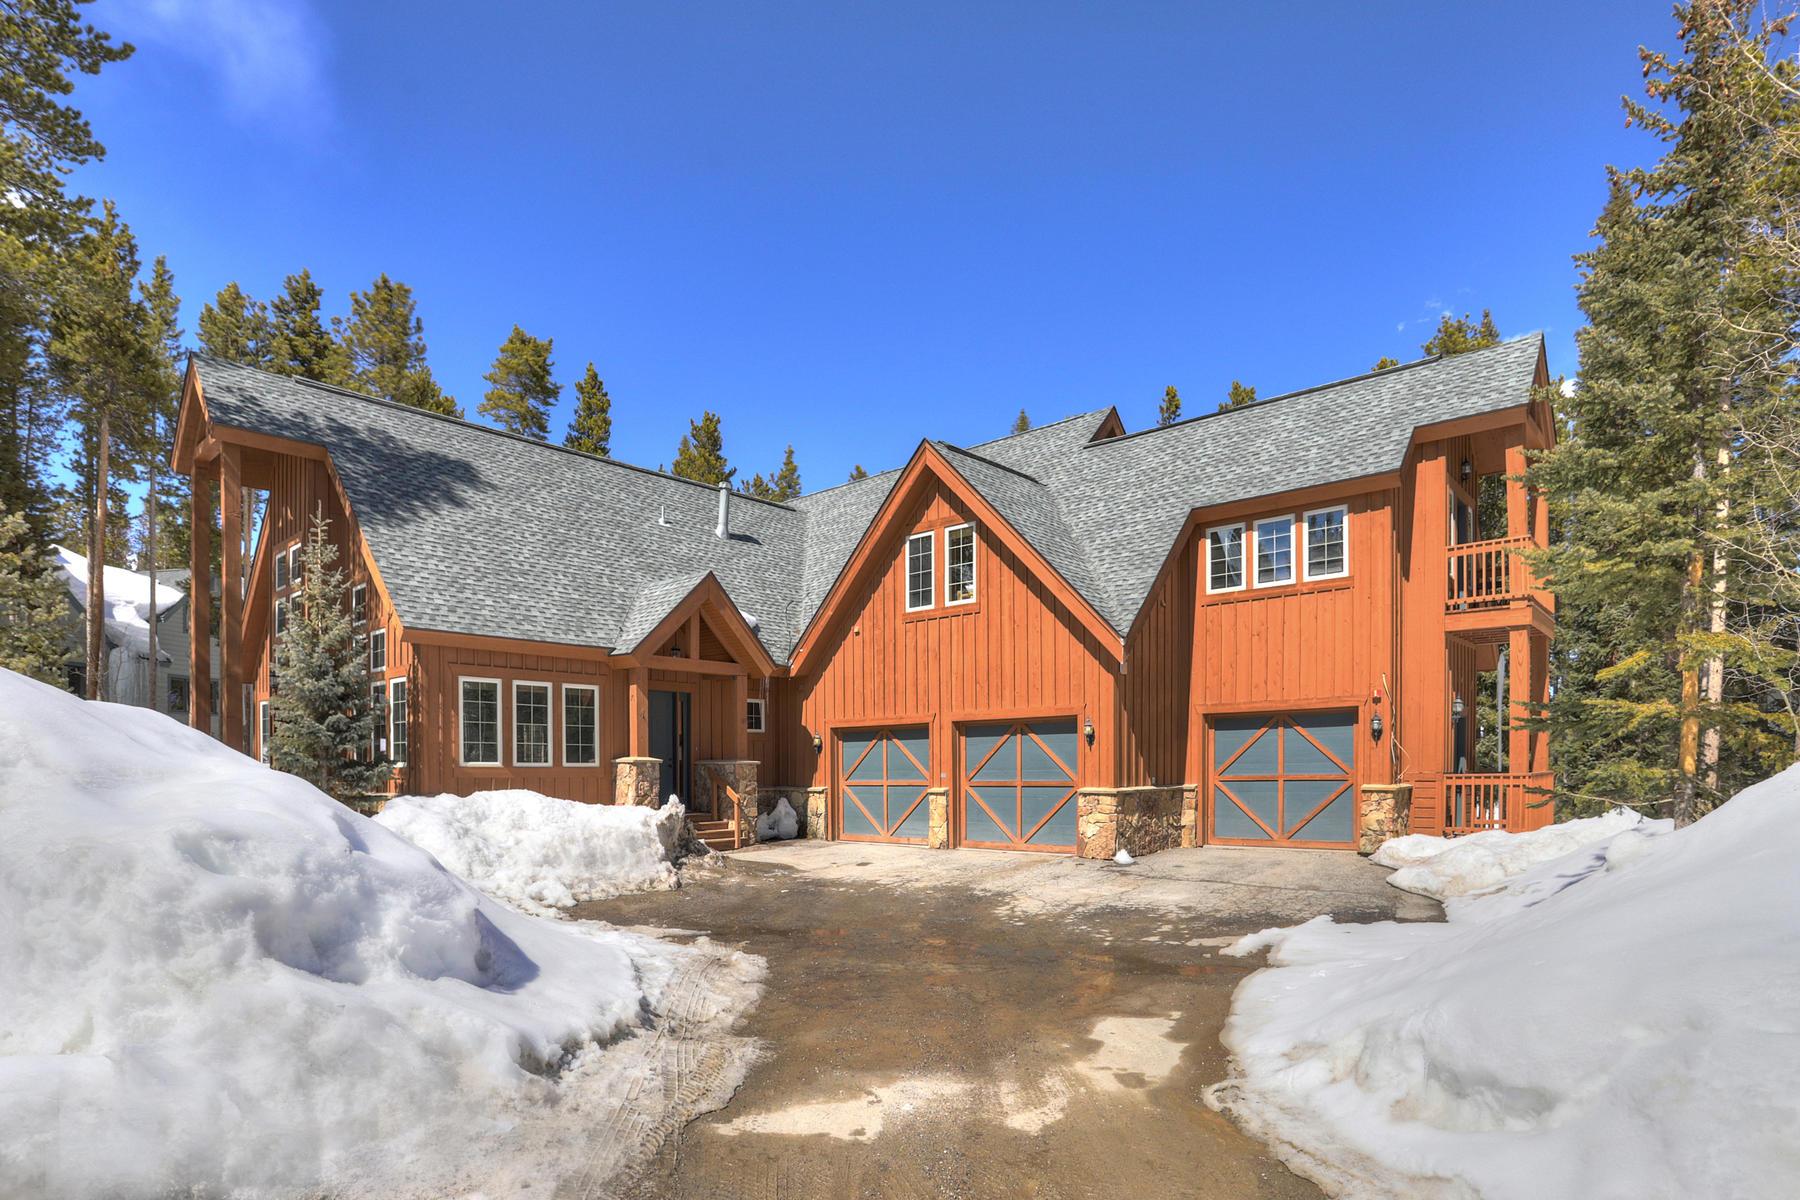 Single Family Homes for Sale at Sawmill Run Lodge 71 Sawmill Run Road Breckenridge, Colorado 80424 United States